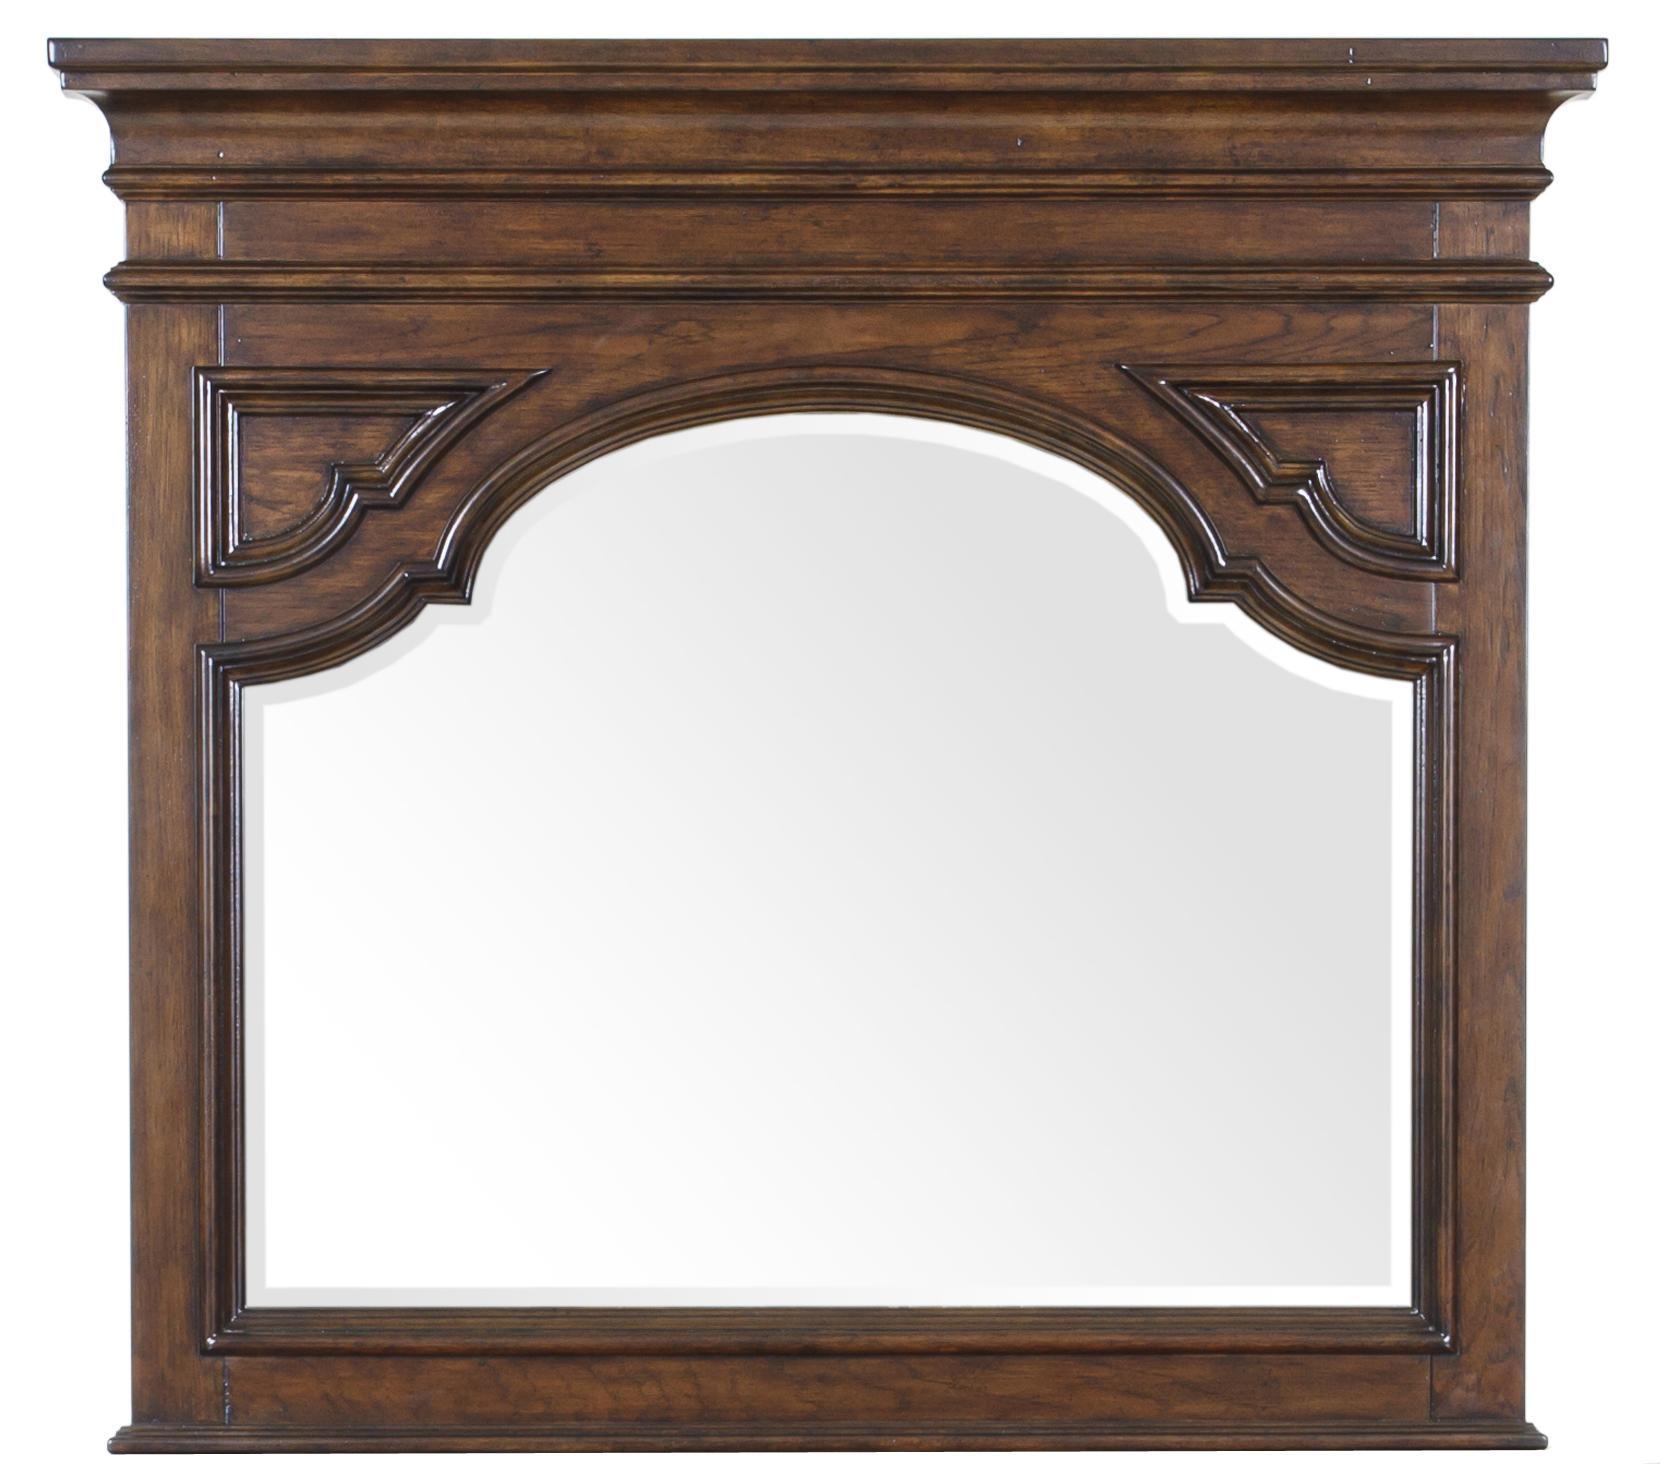 Pulaski Furniture Durango Ridge Mirror - Item Number: 673110